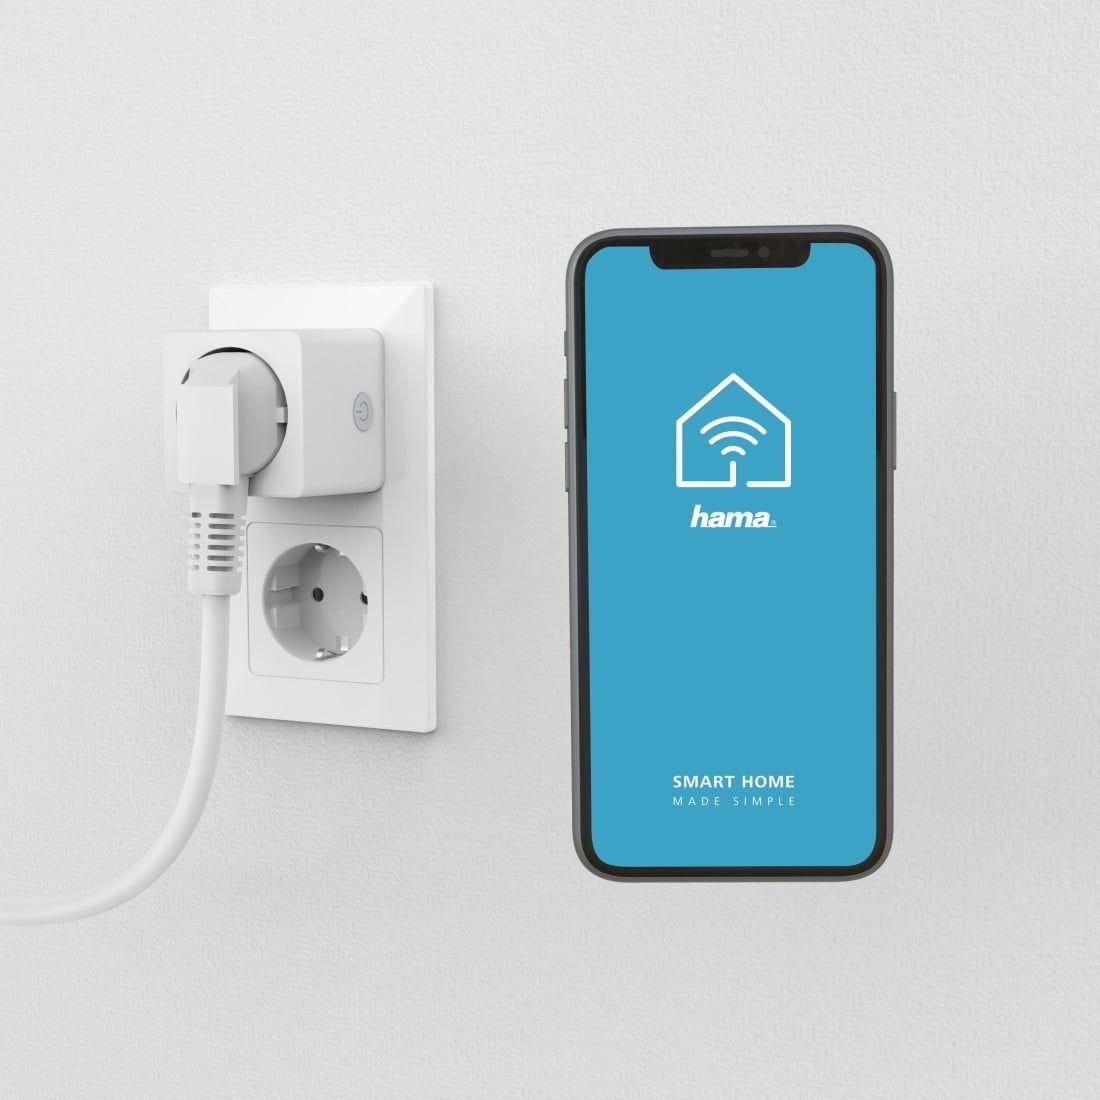 Hama prezentuje nowe gniazdo Wi-Fi z bardzo ciekawymi funkcji i w dobrej cenie!